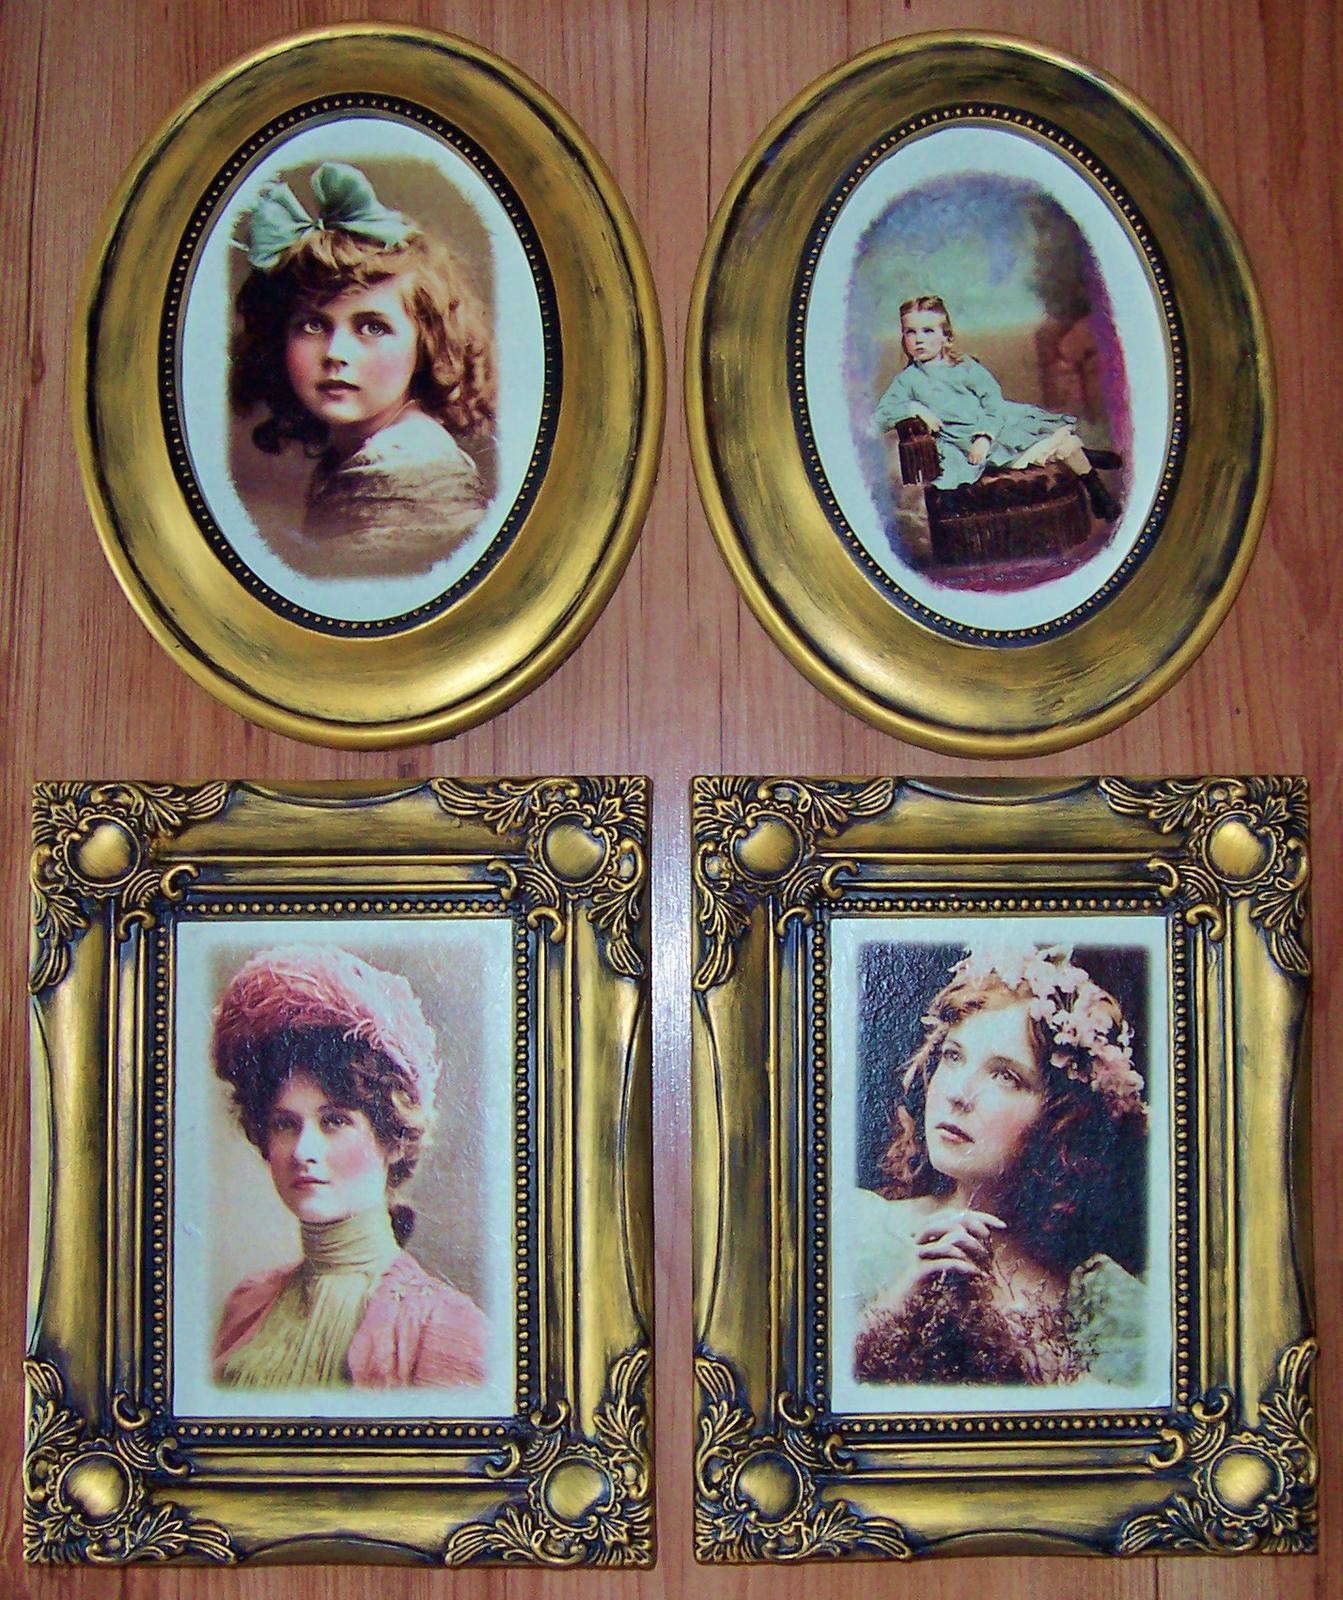 Obrazy v štýle vintage - portréty - Obrázok č. 1